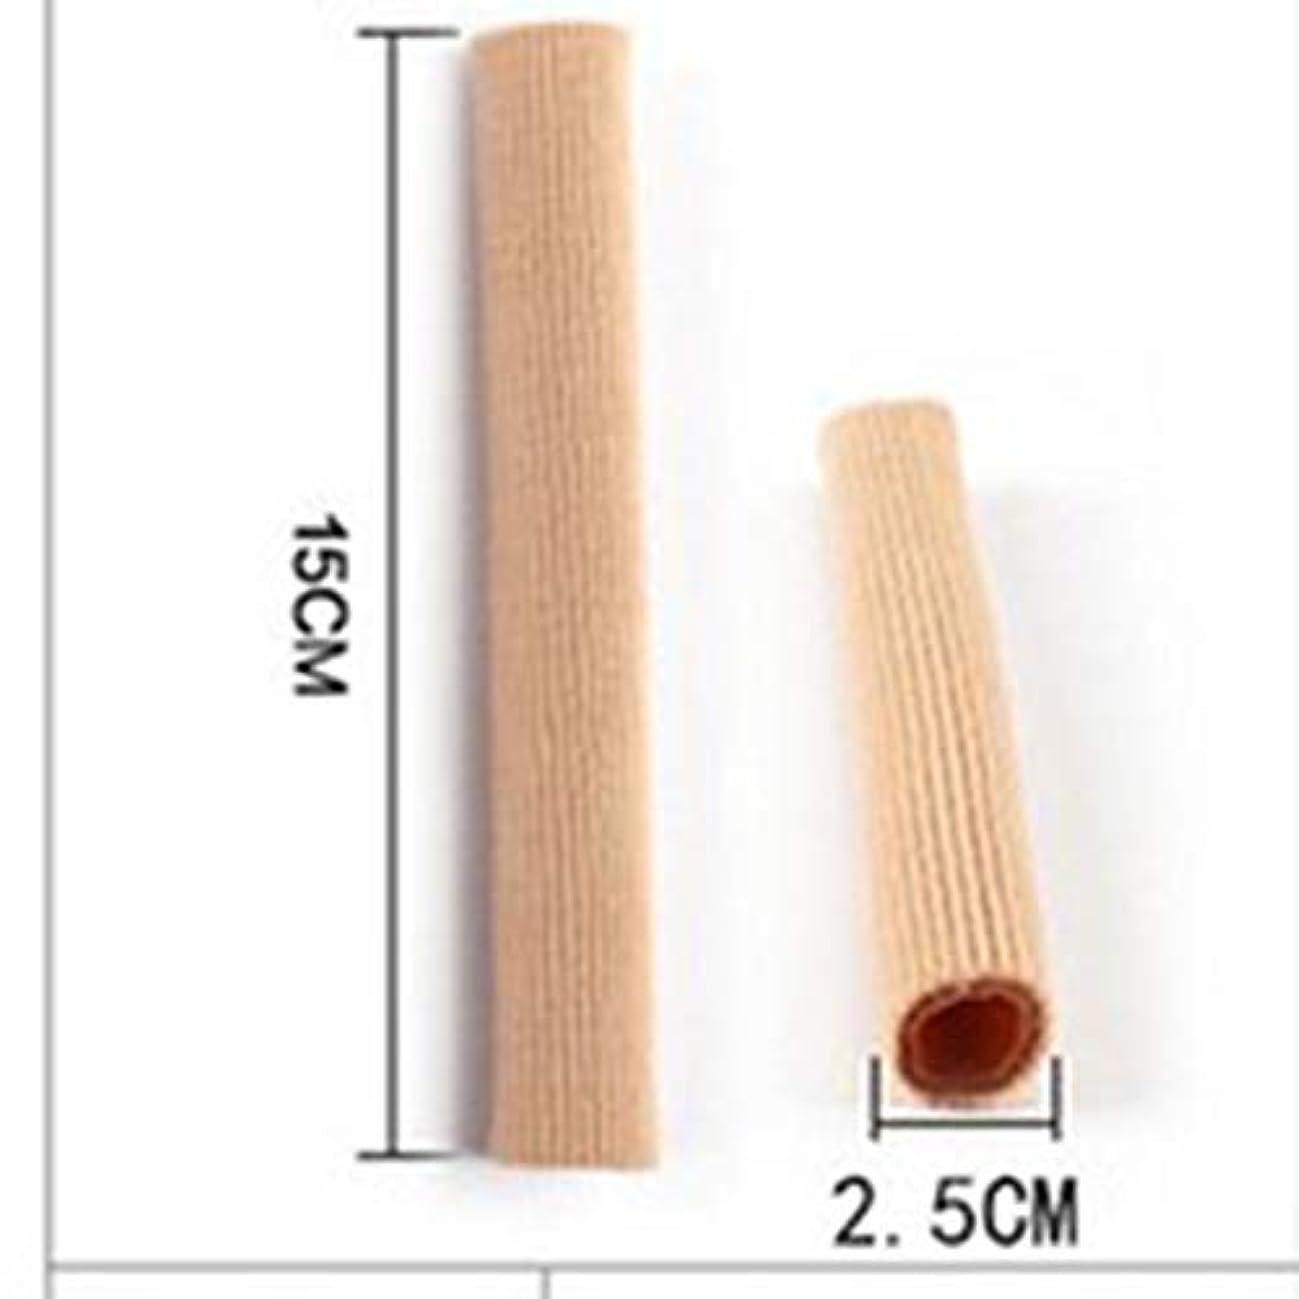 とは異なり霊書士Open Toe Tubes Gel Lined Fabric Sleeve Protectors To Prevent Corns, Calluses And Blisters While Softening And...